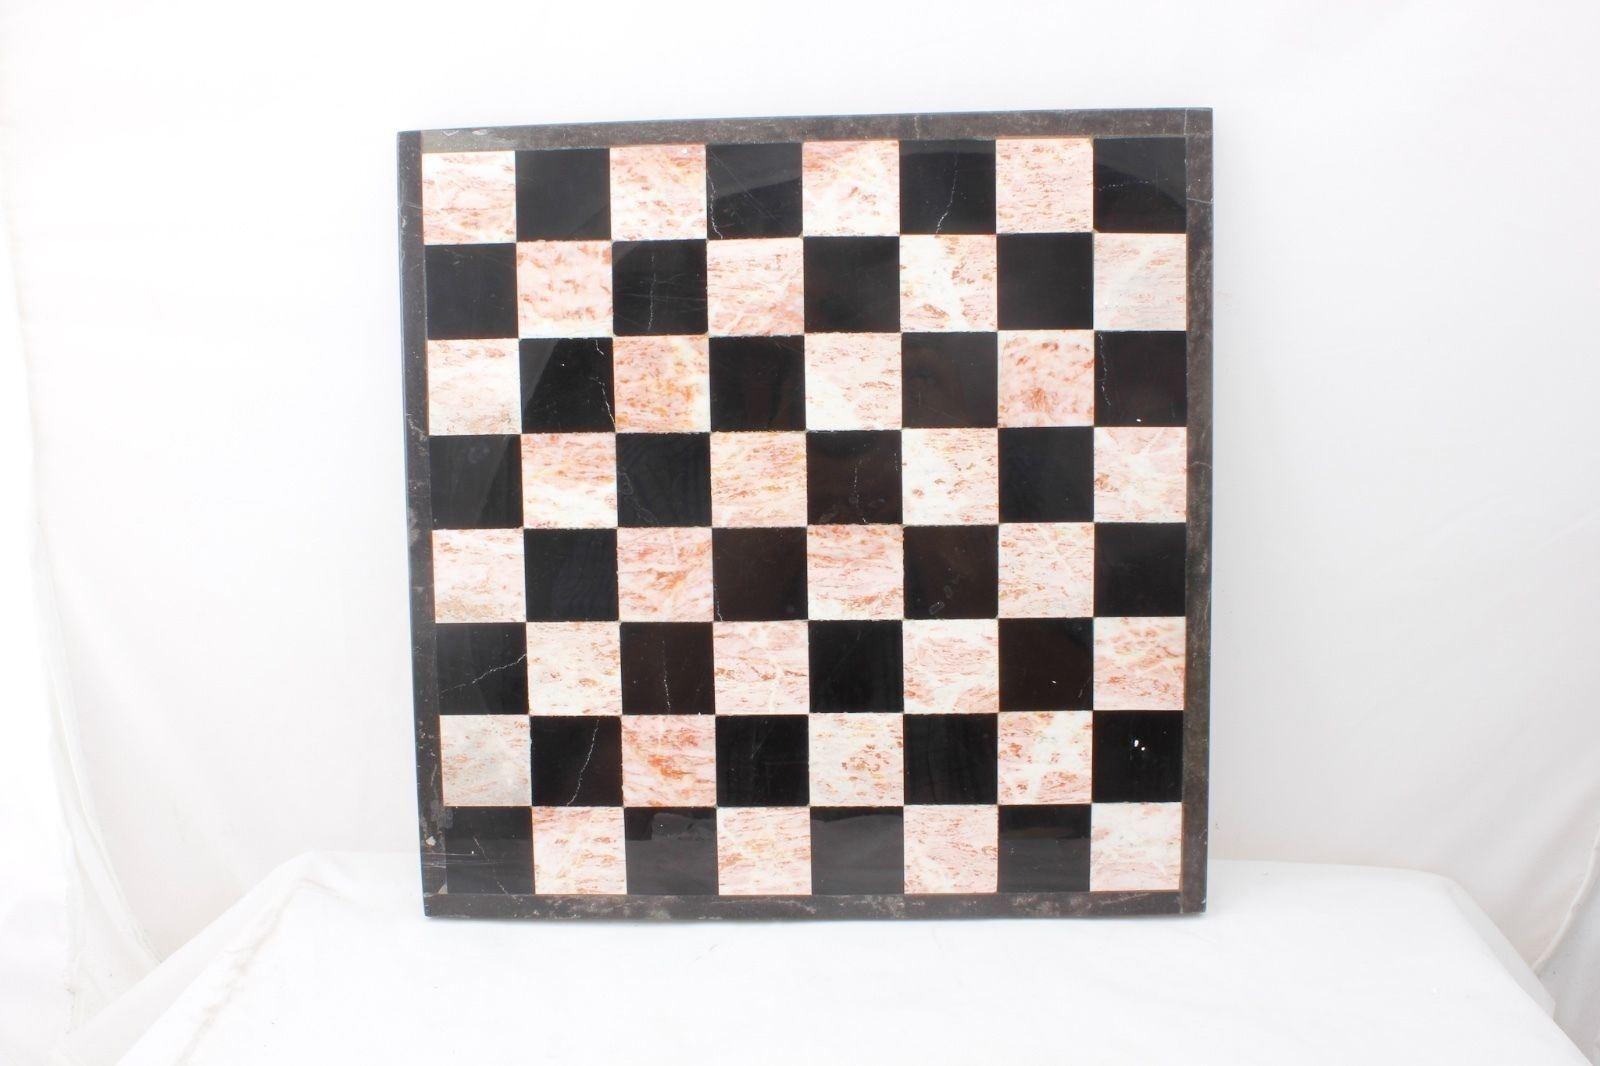 Negro Y blancoo Piedra Tablero De Ajedrez Vintage 13.5  Cuadrado 1 2  de espesor sólido